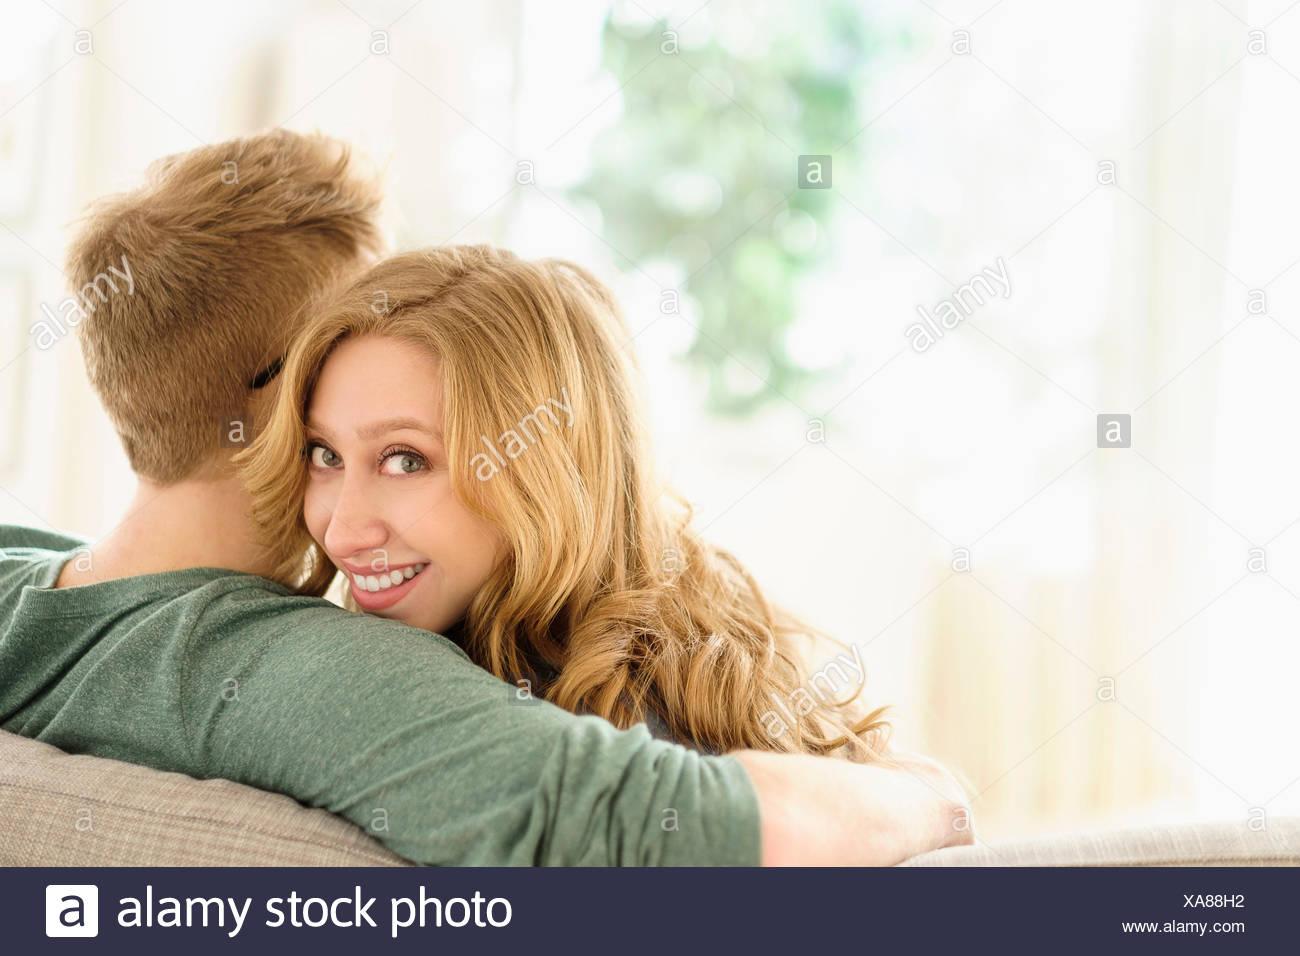 Retrato de mujer joven abrazando a novio en el sofá Imagen De Stock